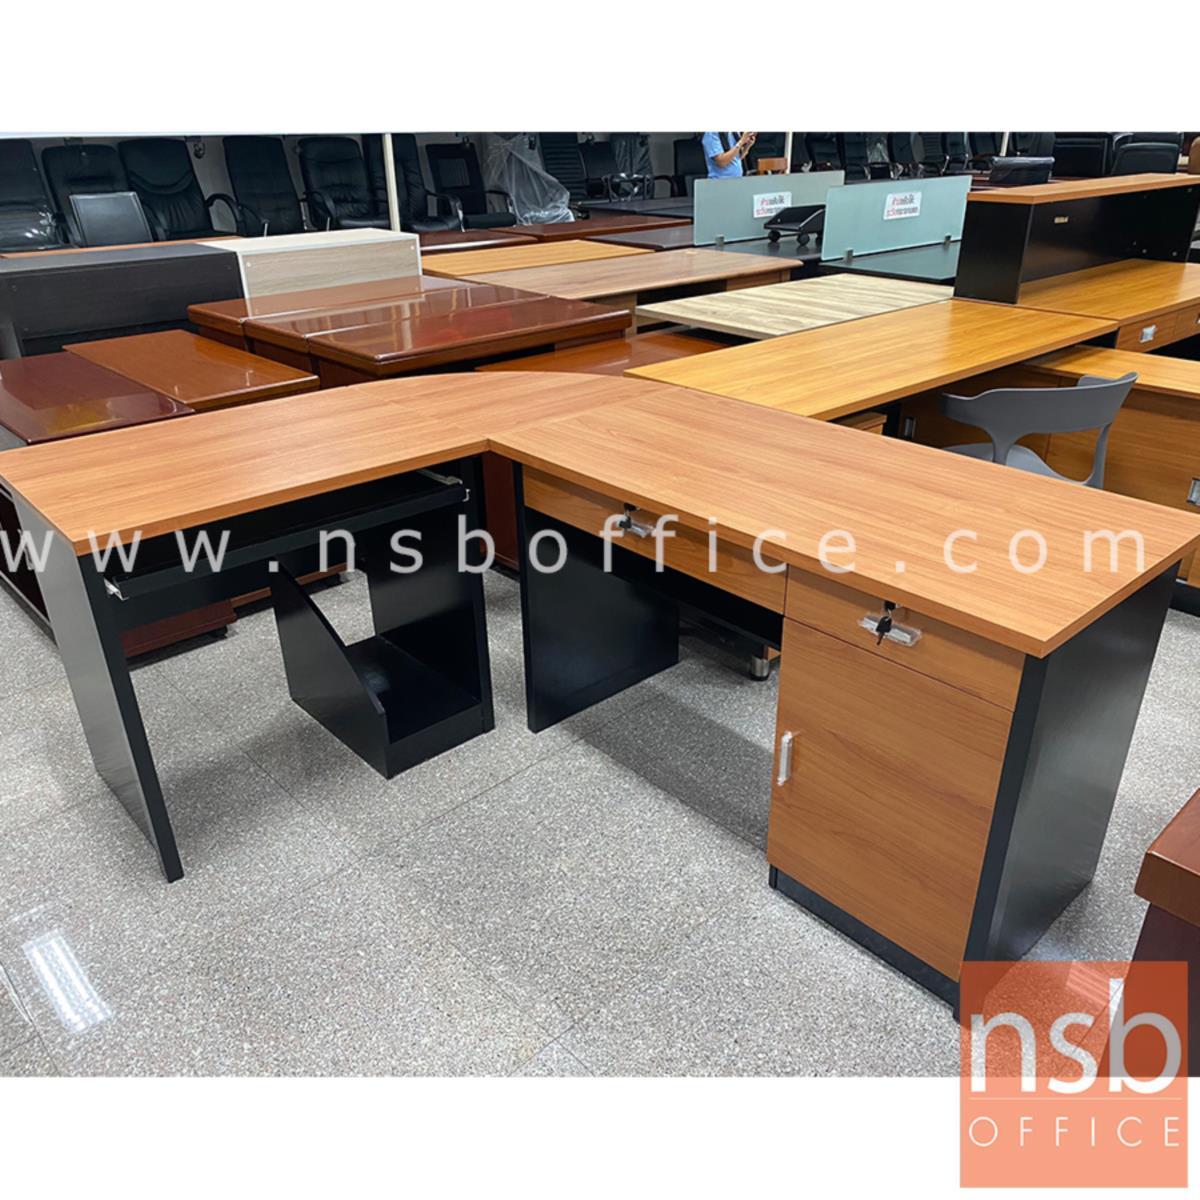 A16A072:โต๊ะทำงานตัวแอลมุมโค้ง รุ่น Davies (เดวีส์) ขนาด 120W cm. พร้อมโต๊ะข้าง